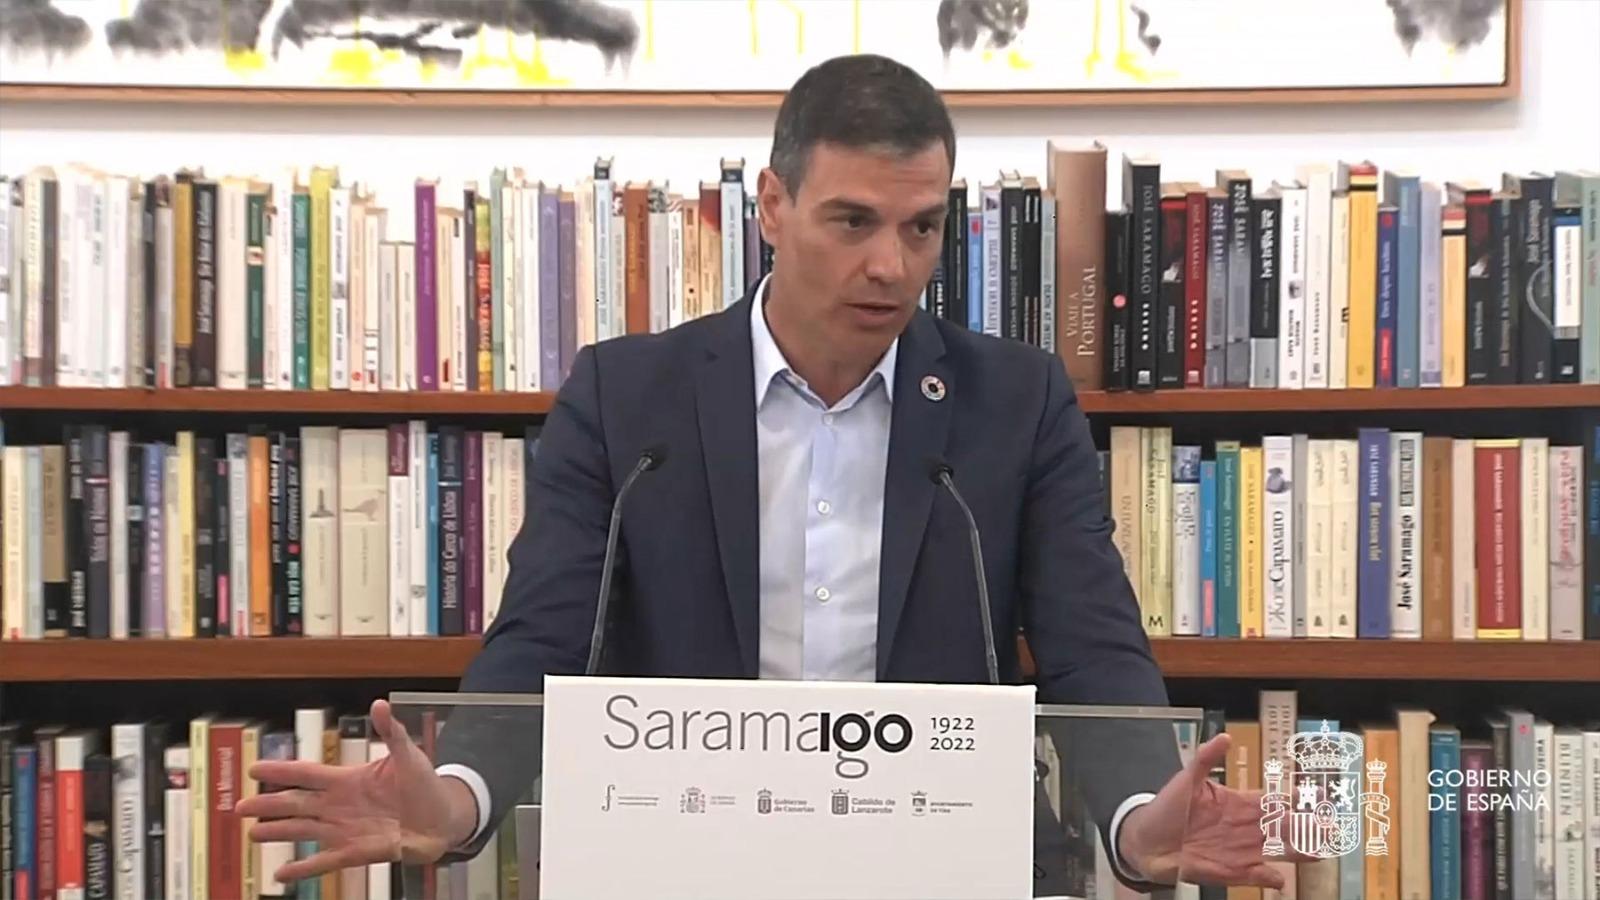 Sánchez presenta en Lanzarote el centenario de Saramago.